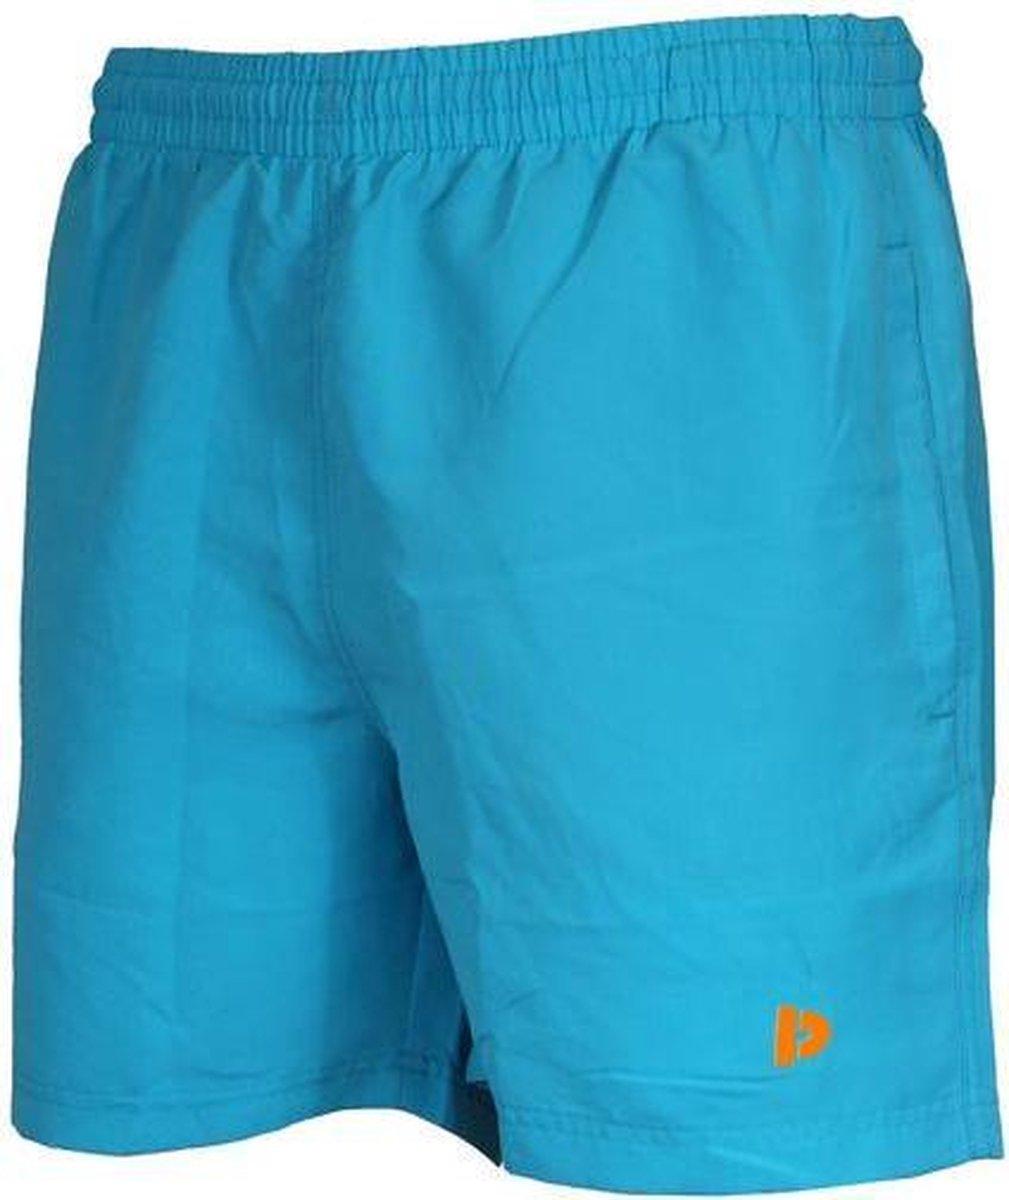 Donnay Zwemshort kort - Sportshort - Heren - Maat 4XL - Lichtblauw